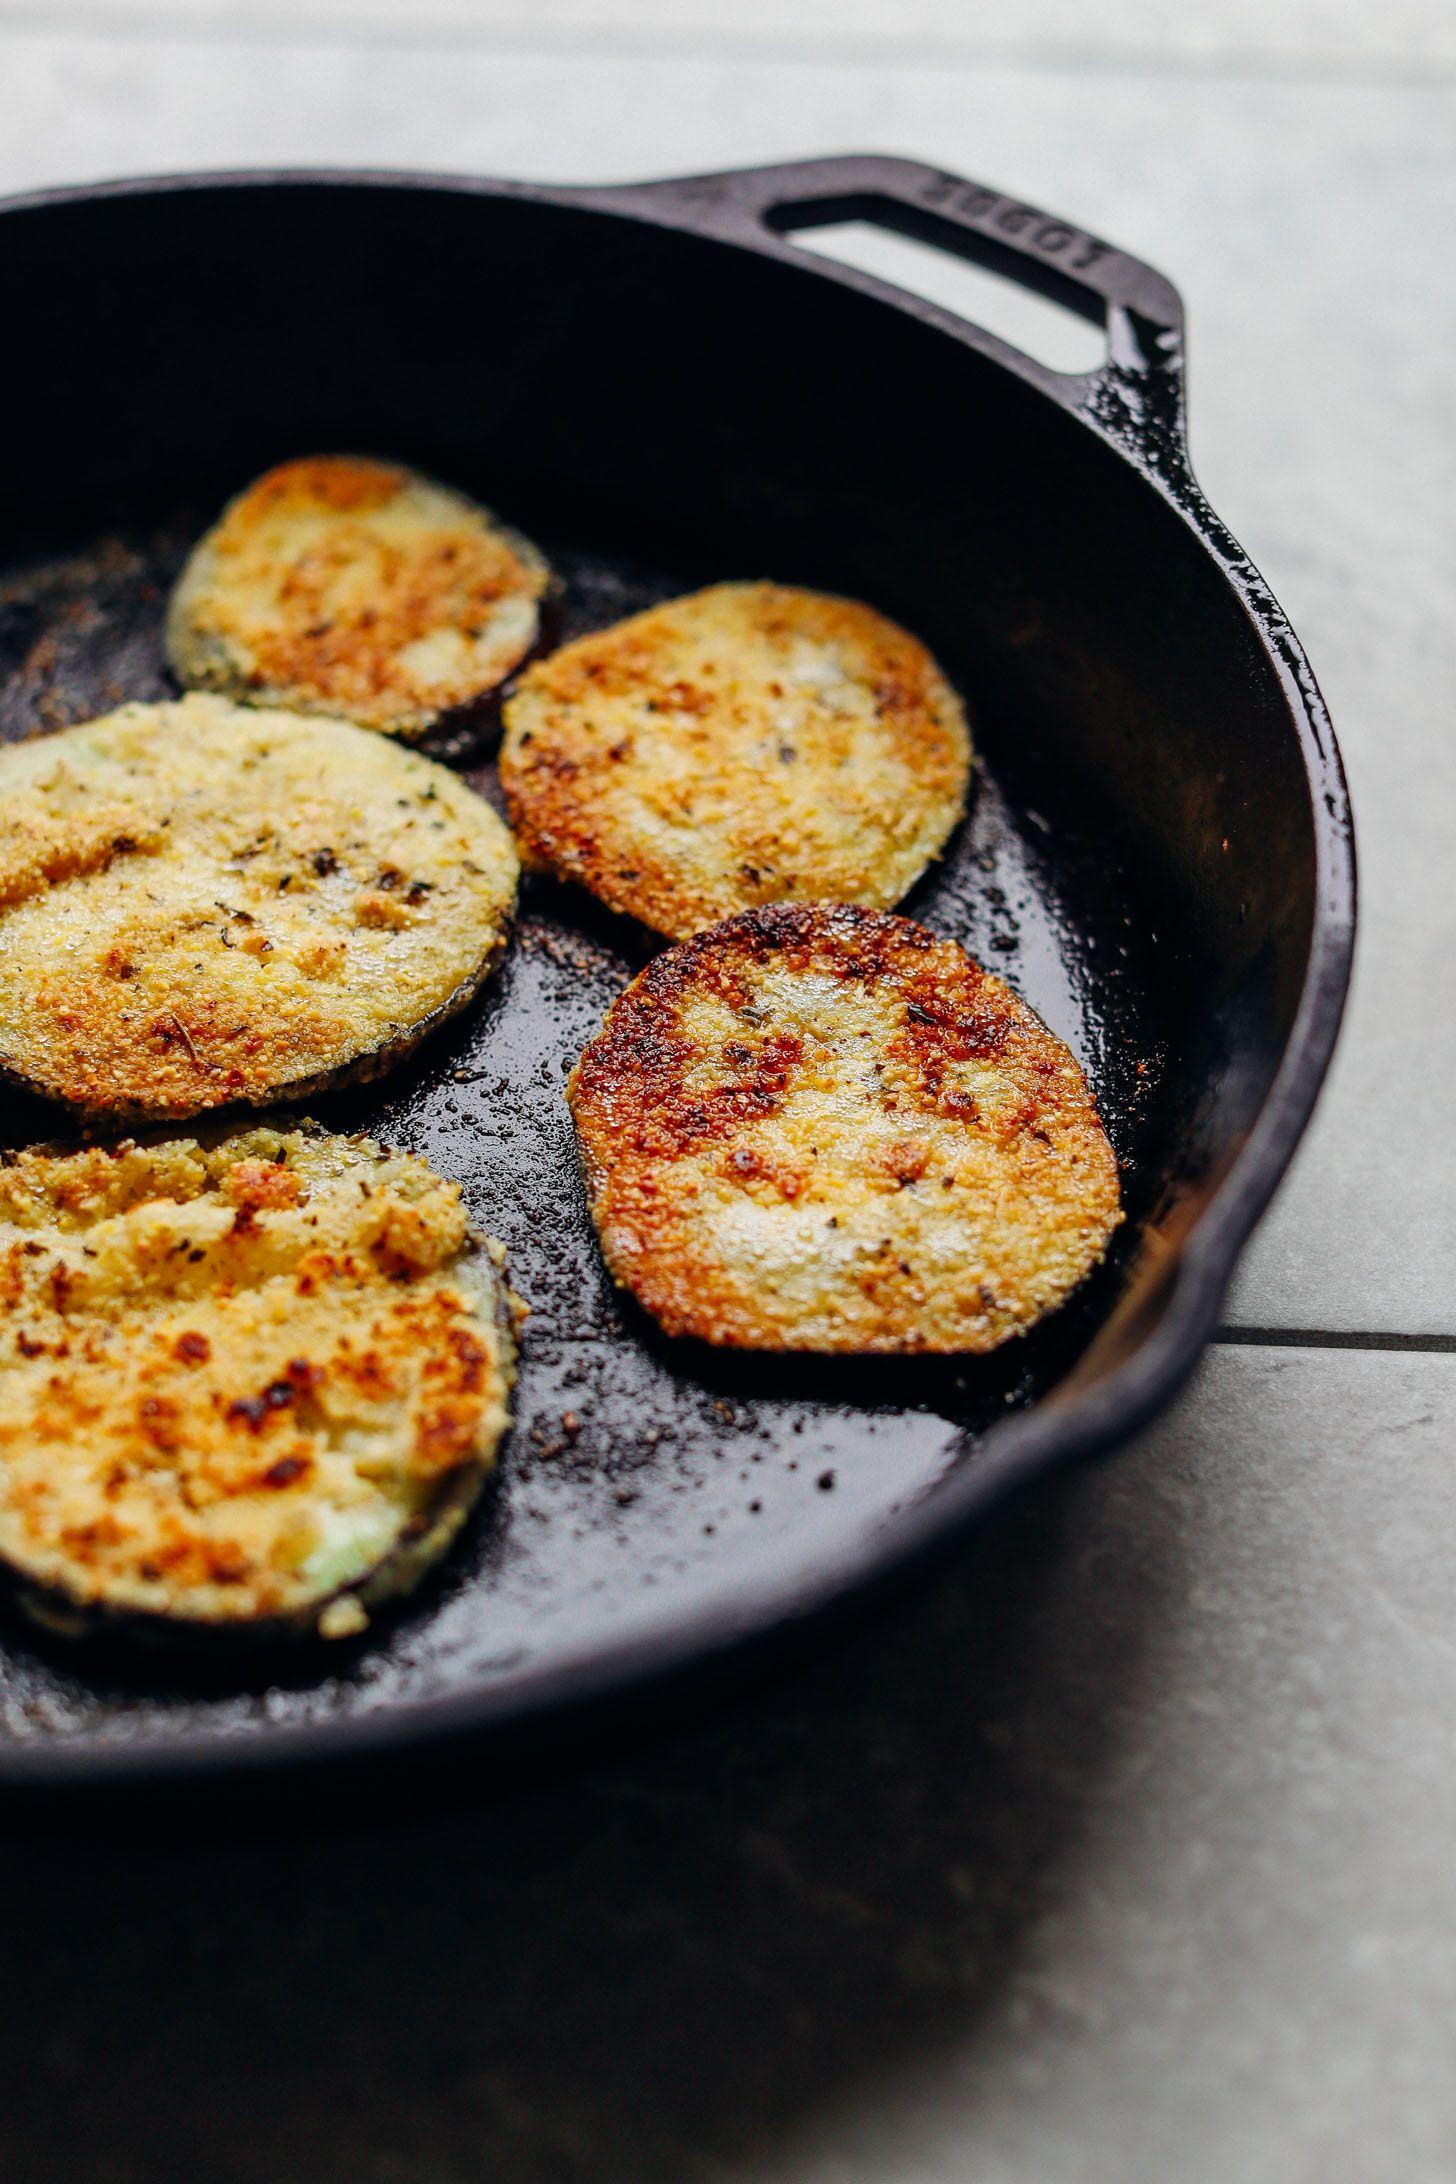 Vegan Gluten Free Eggplant Parmesan Minimalist Baker Recipes Recipe Recipes Eggplant Parmesan Eggplant Recipes